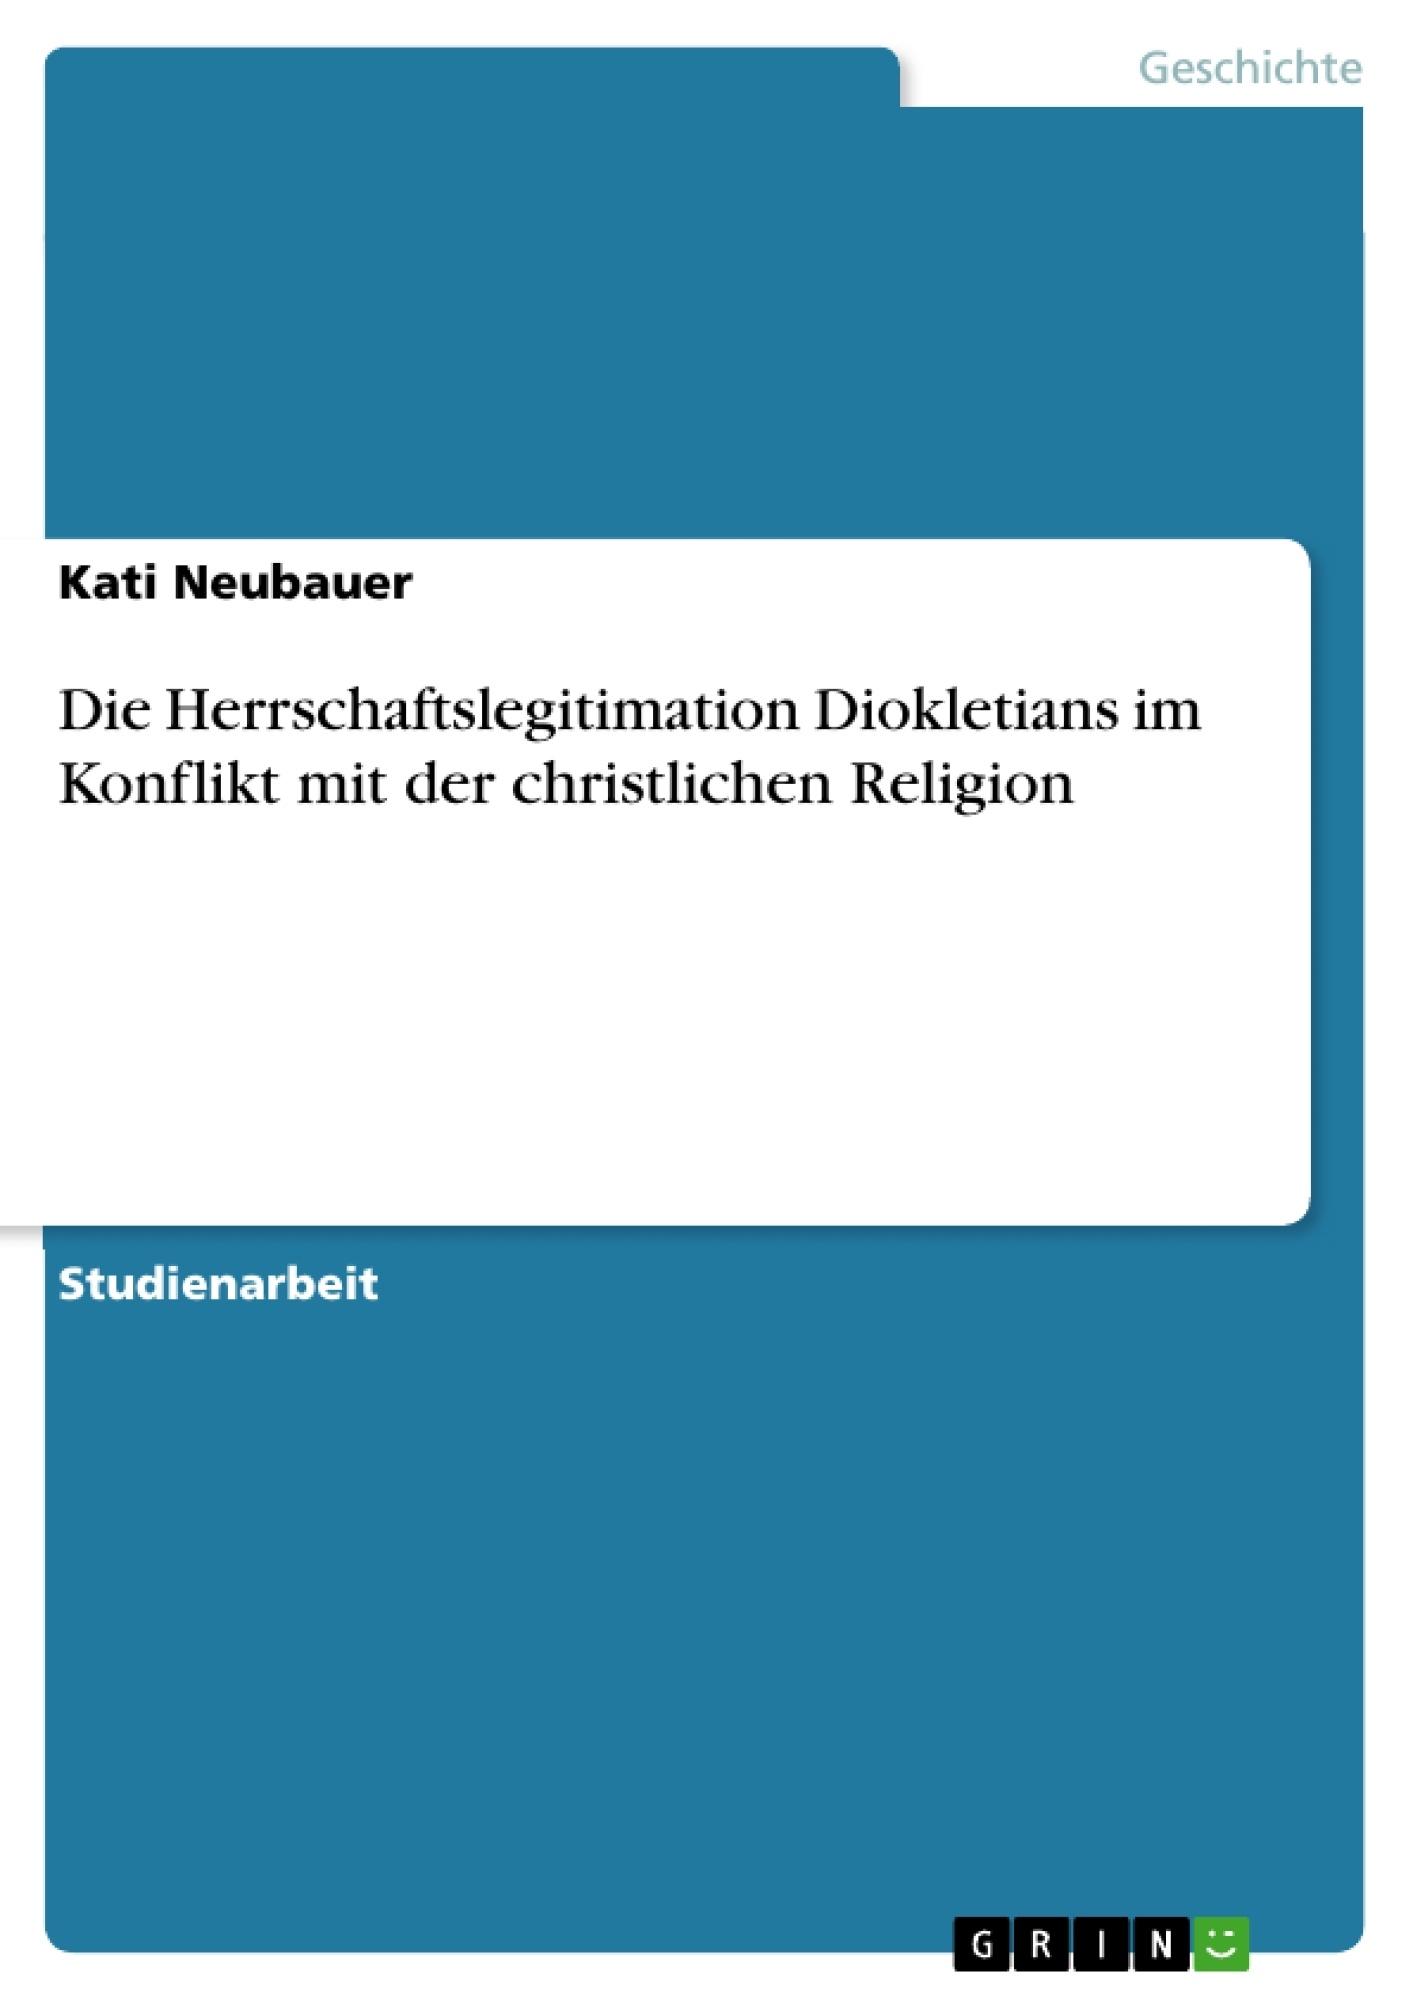 Titel: Die Herrschaftslegitimation Diokletians im Konflikt mit der christlichen Religion